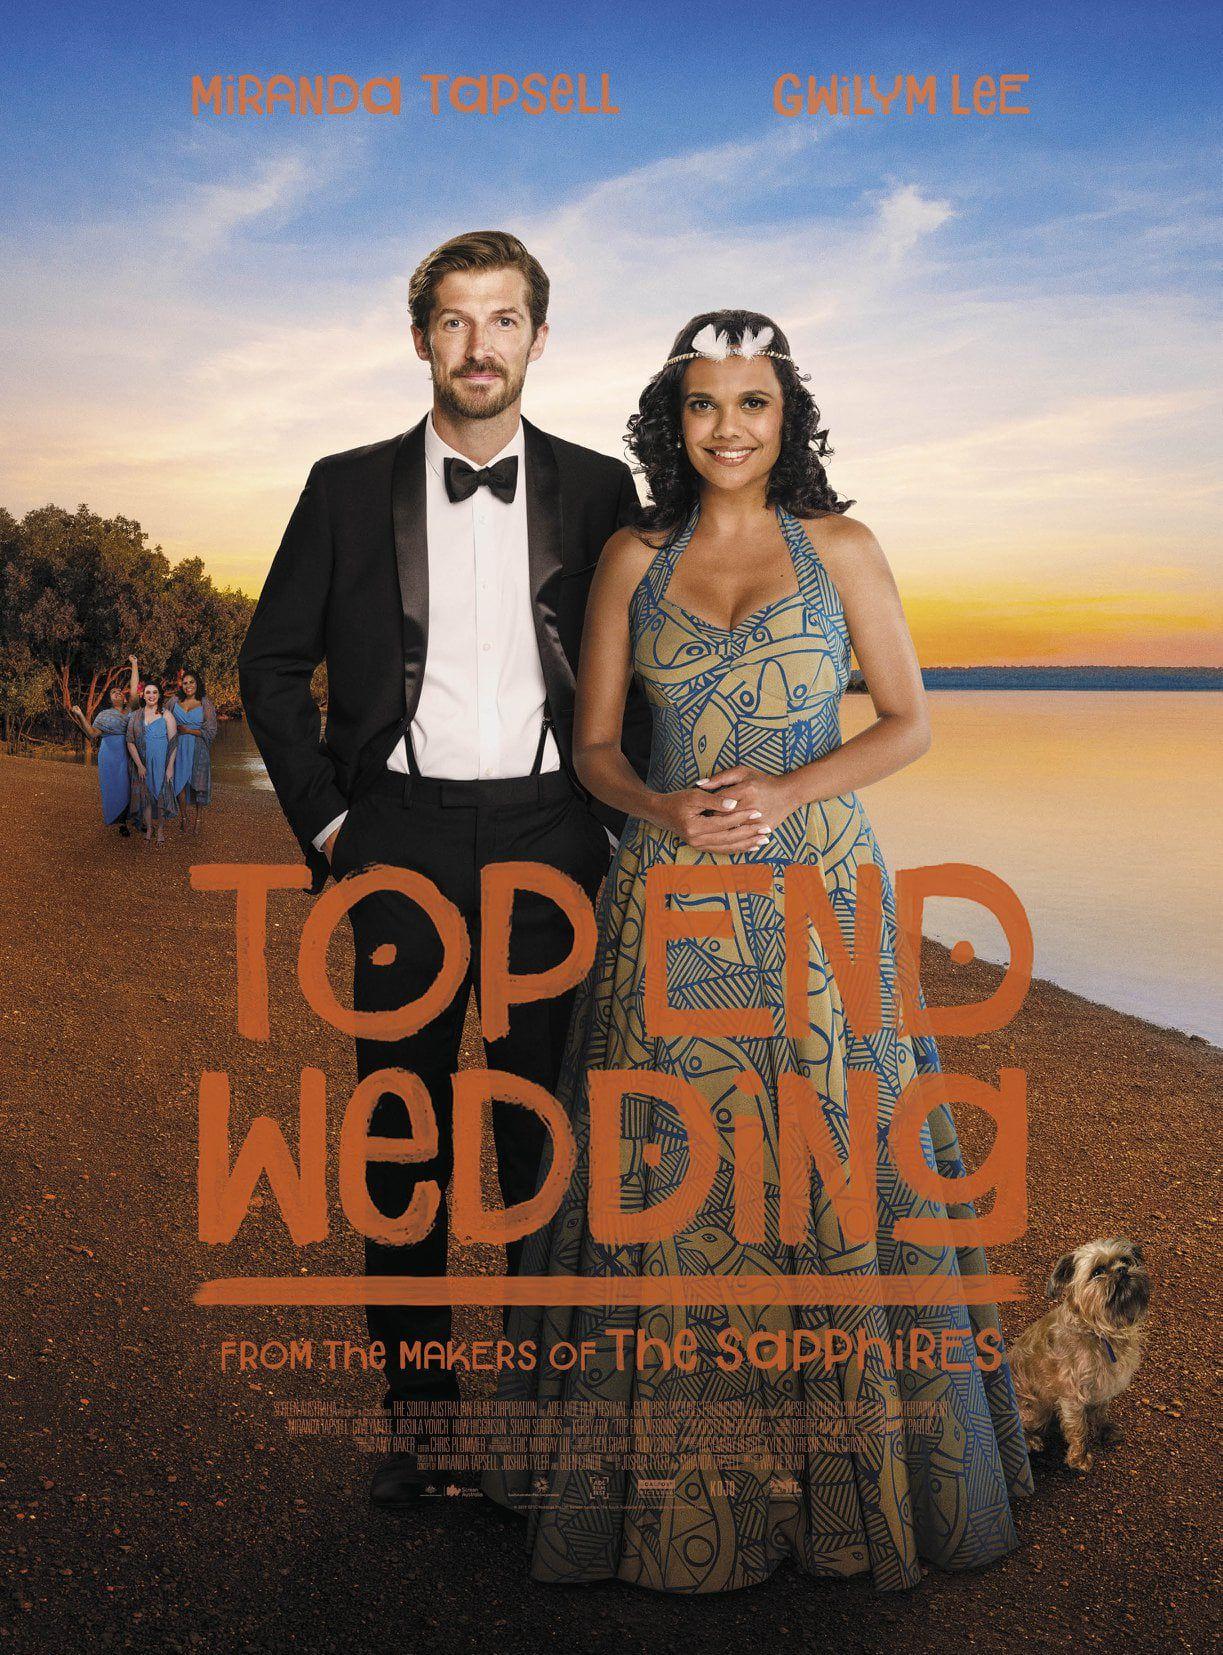 Top End Wedding 2019 Ganzer Film Deutsch Komplett Kino Ganze Filme Filme Deutsch Filme